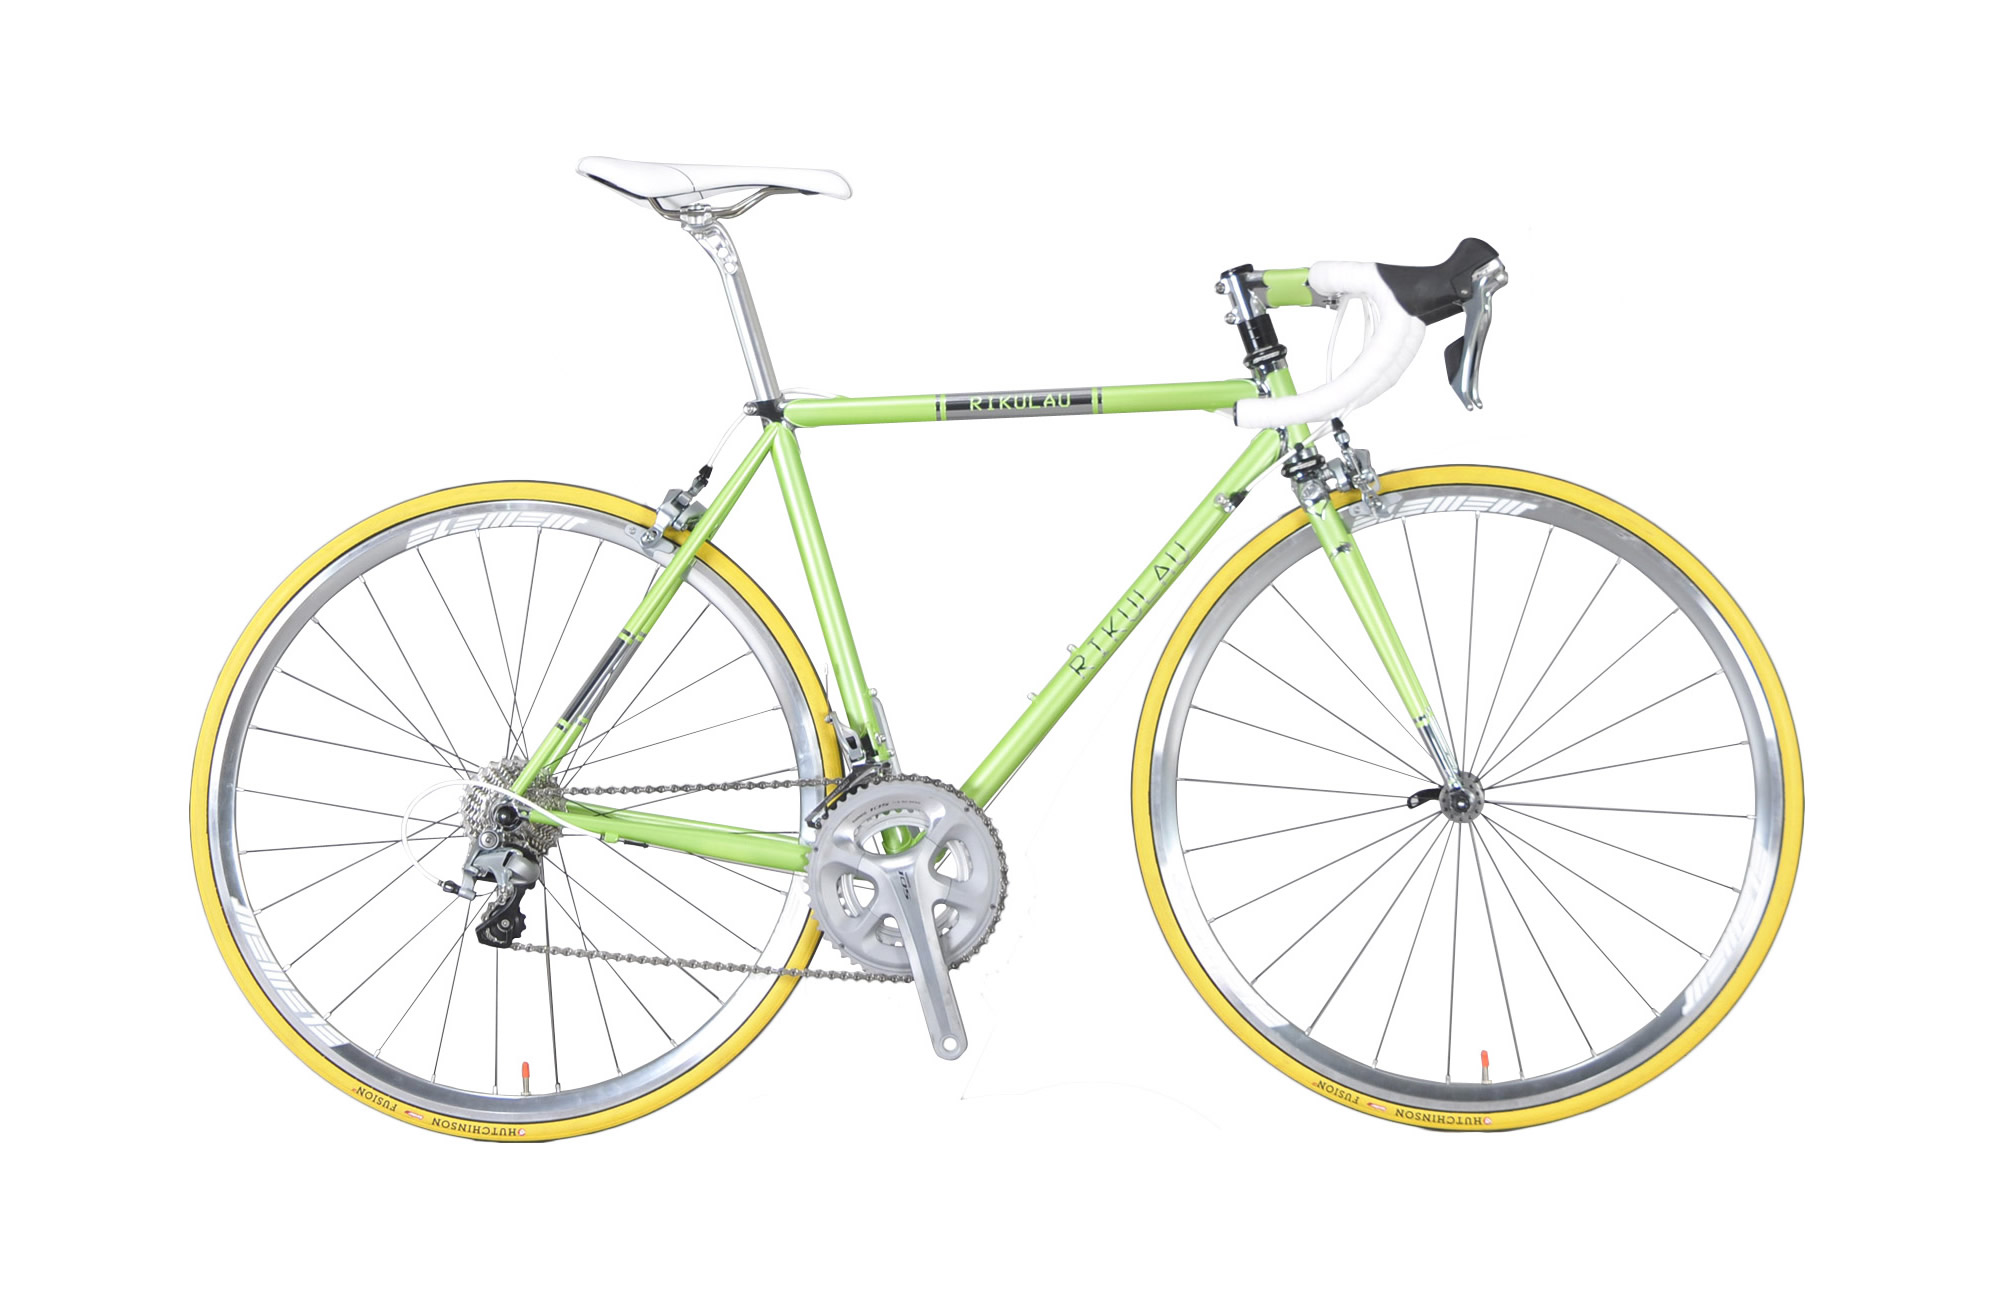 Road Bike - LUG Hercules (chromoly)